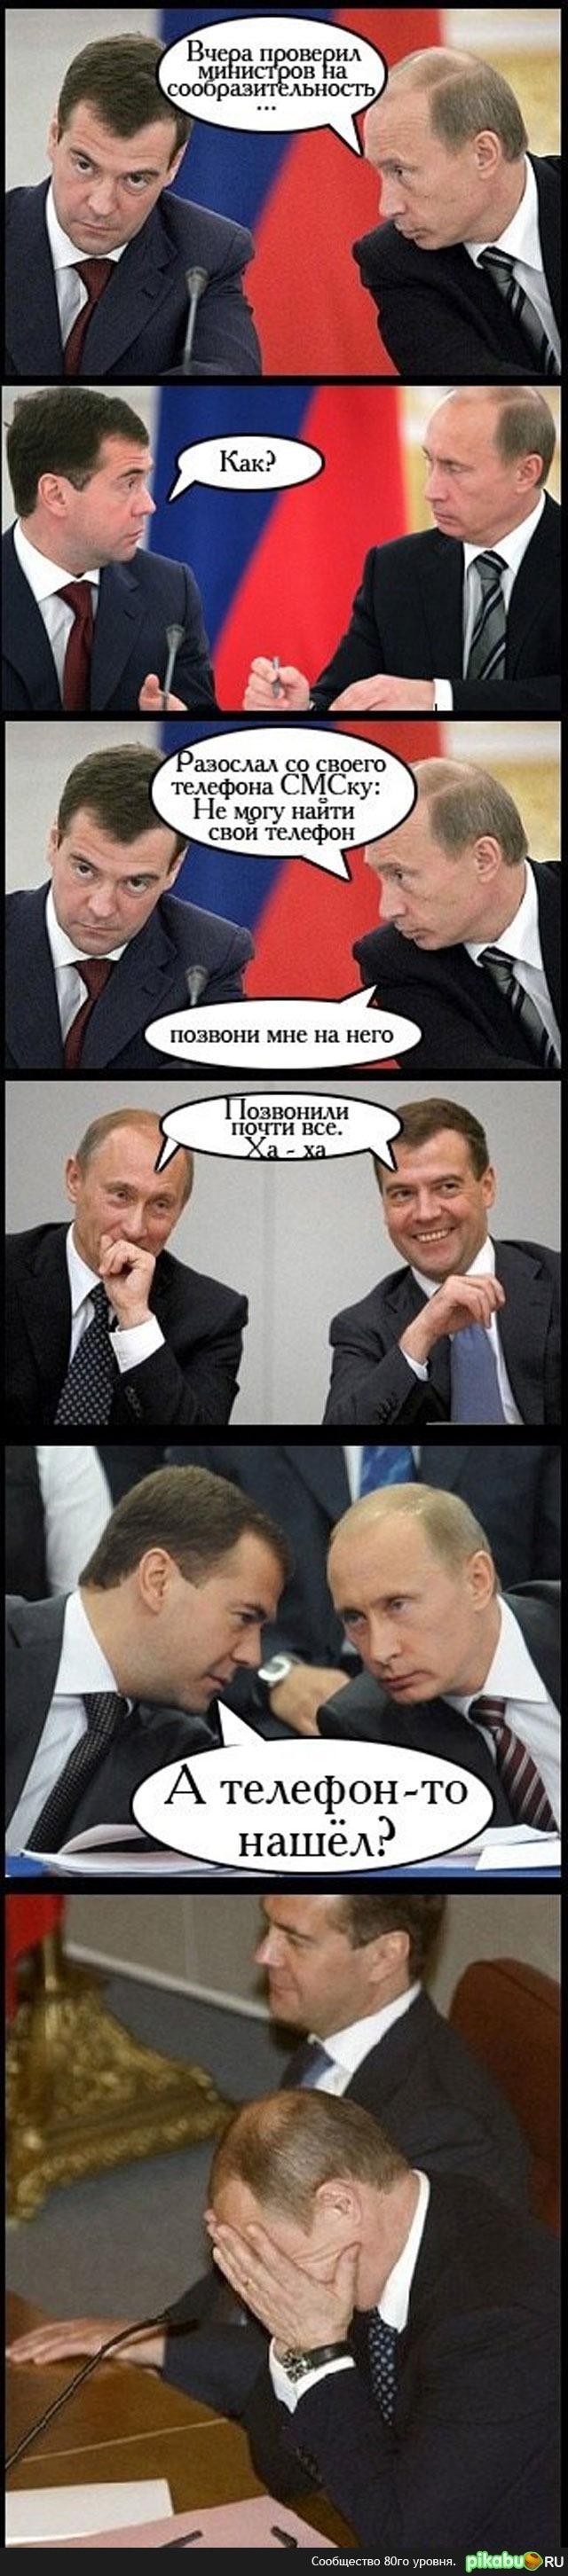 Прикольные фото путина и медведева 2 фотография